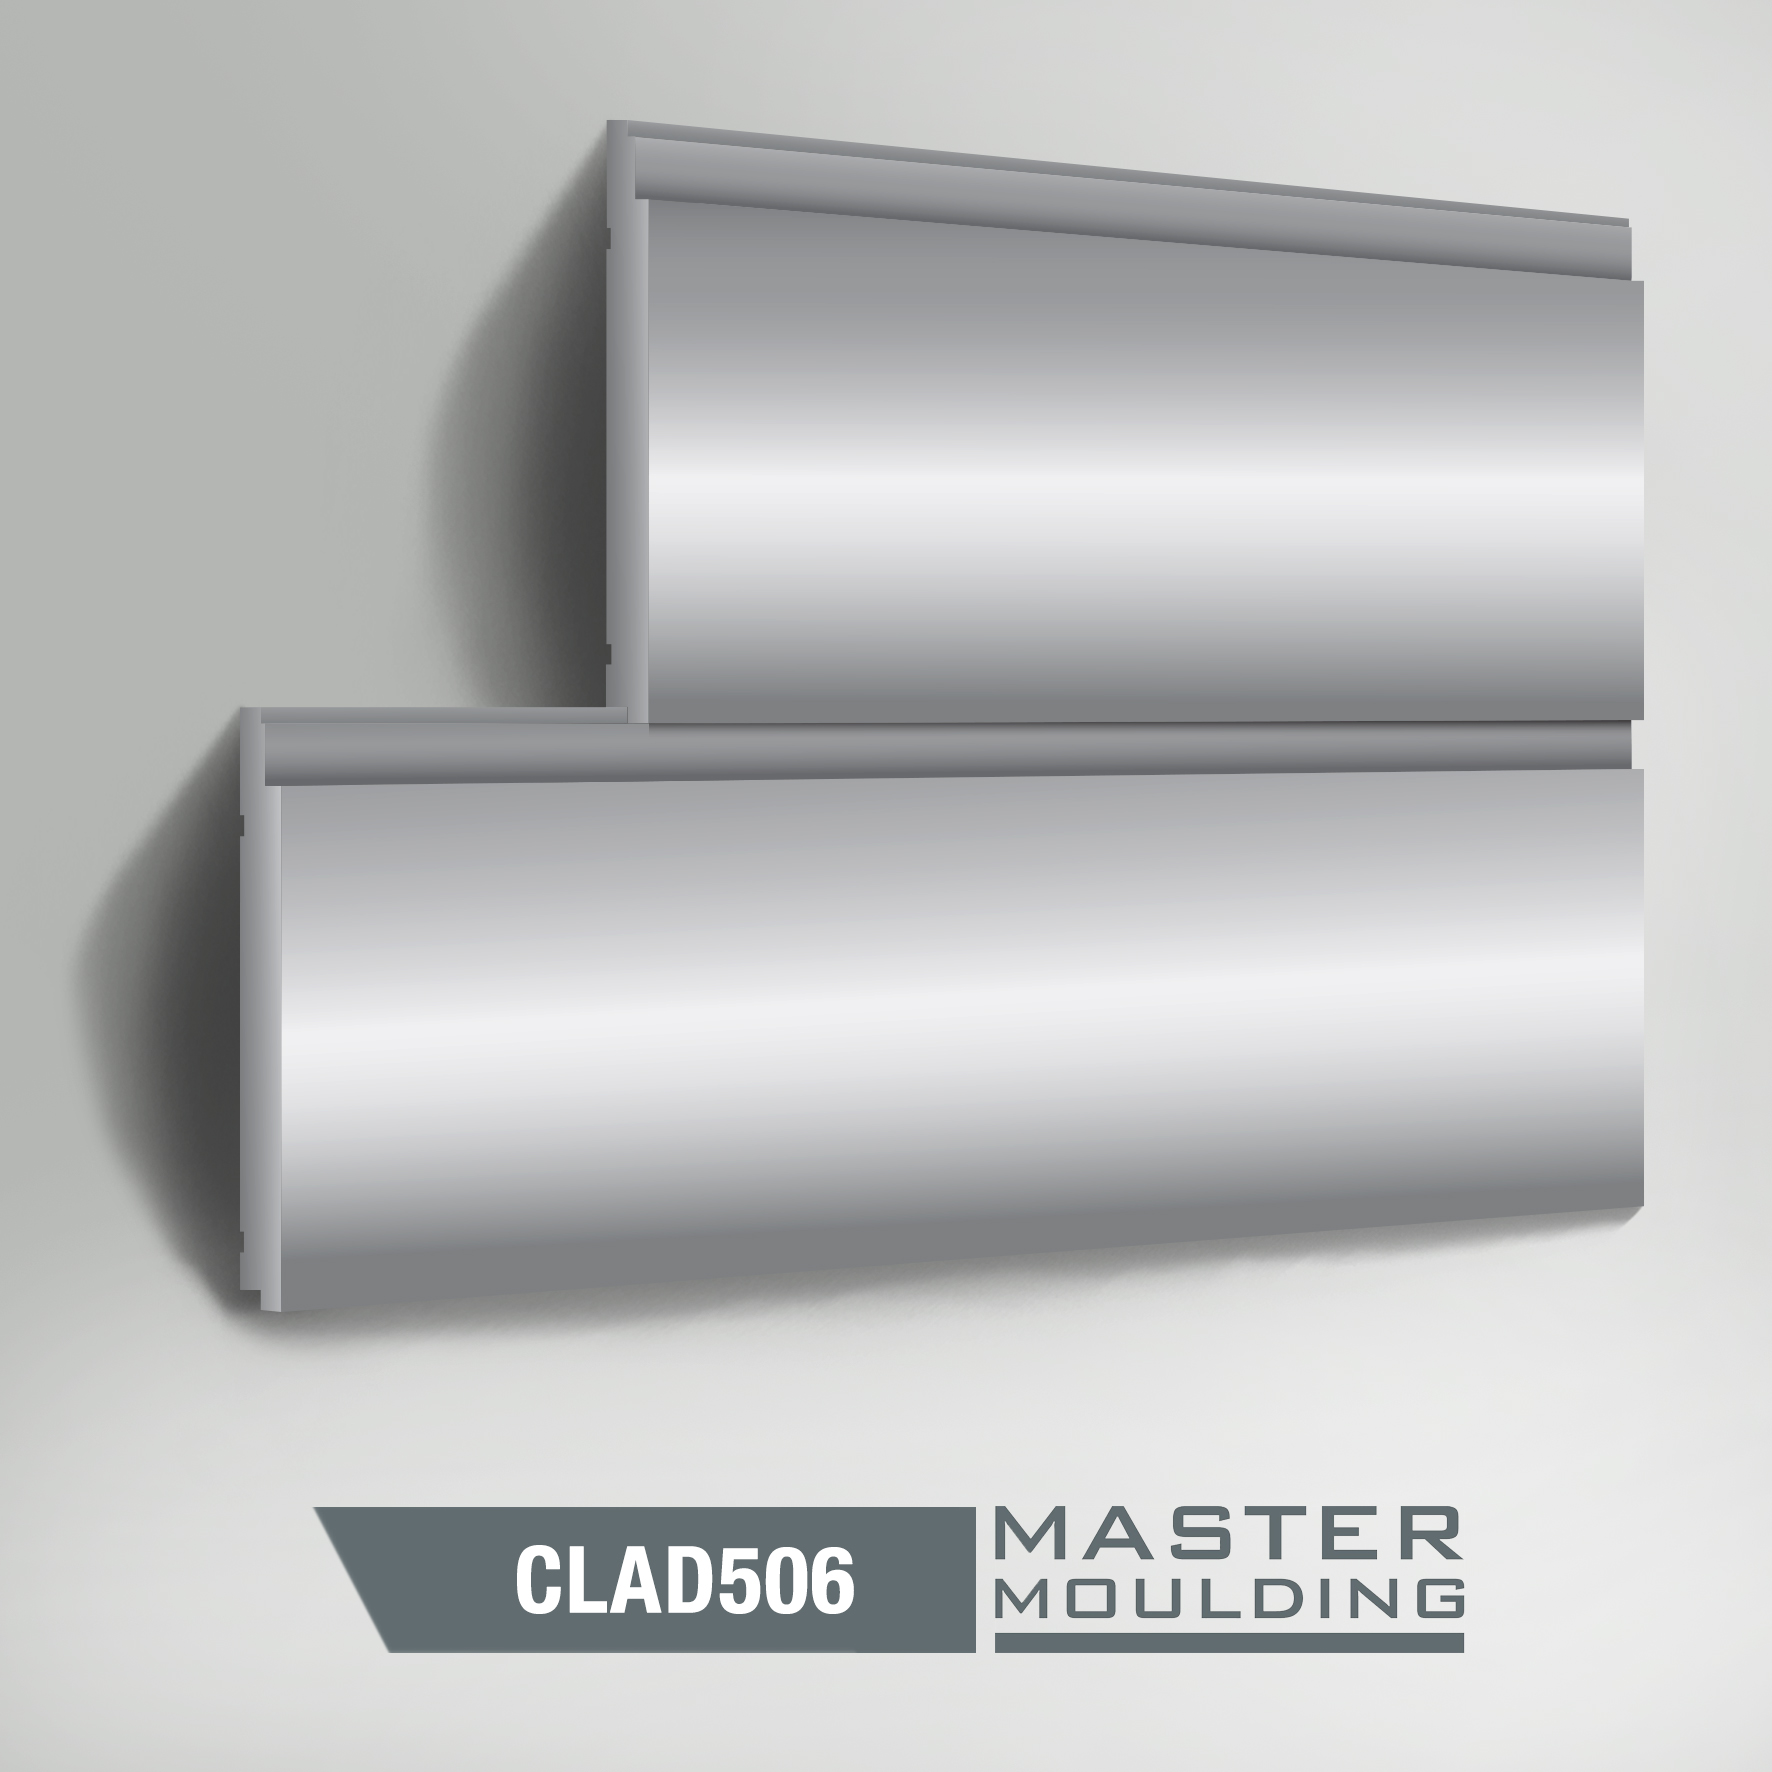 CLAD506